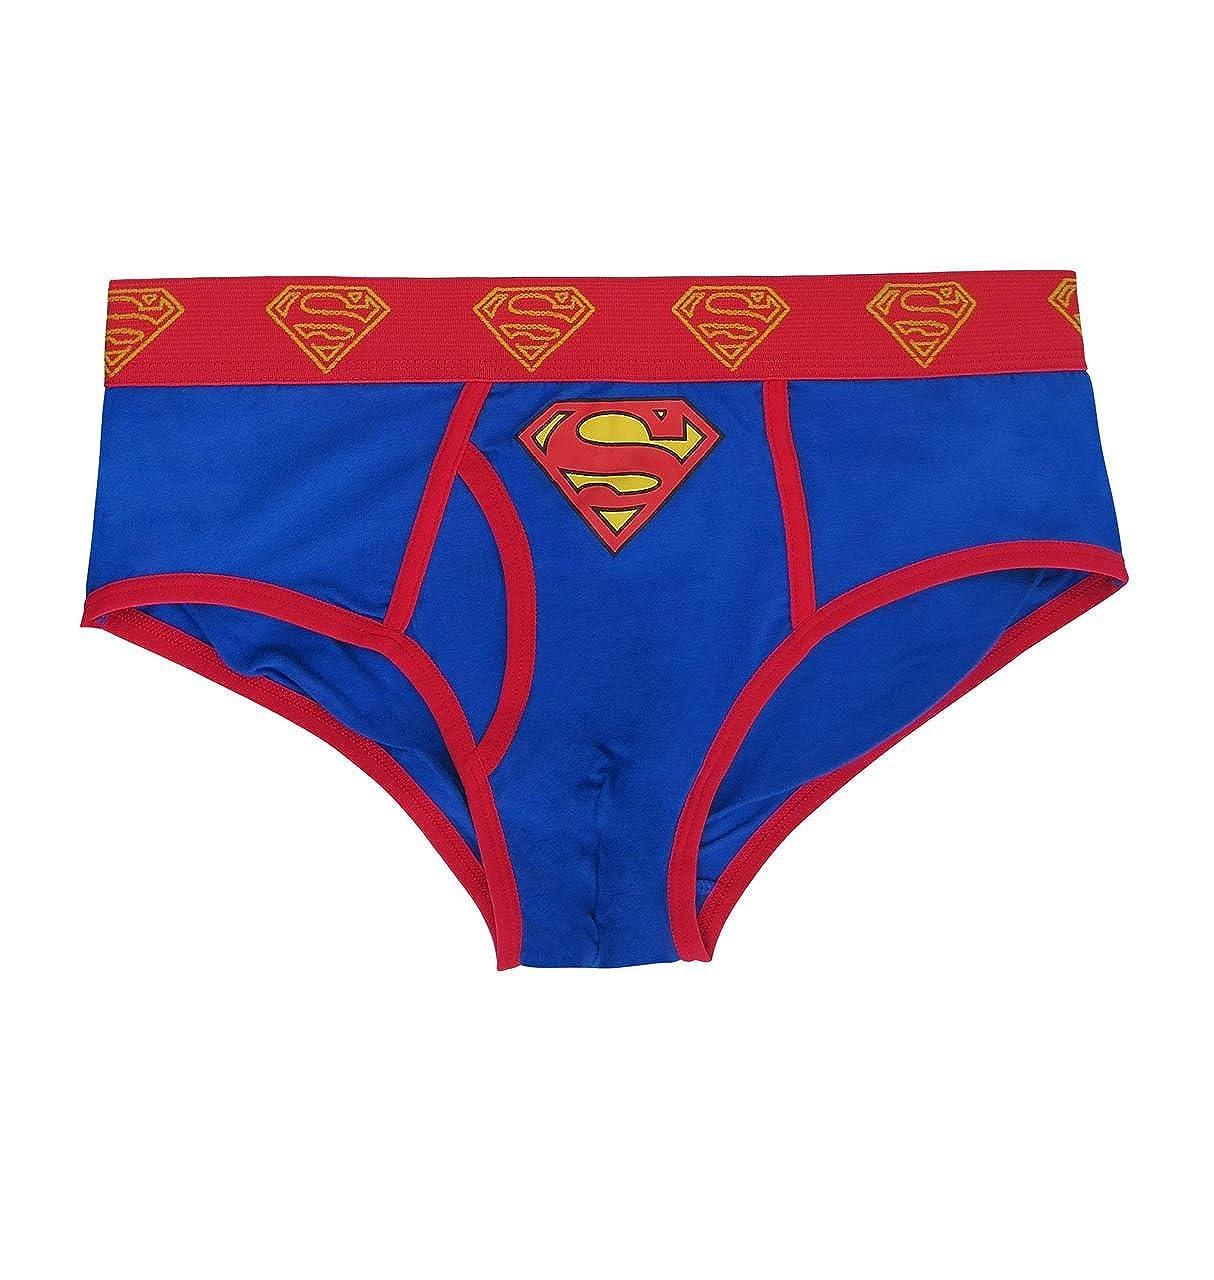 Superman Costume Logo Men's Underwear Briefs